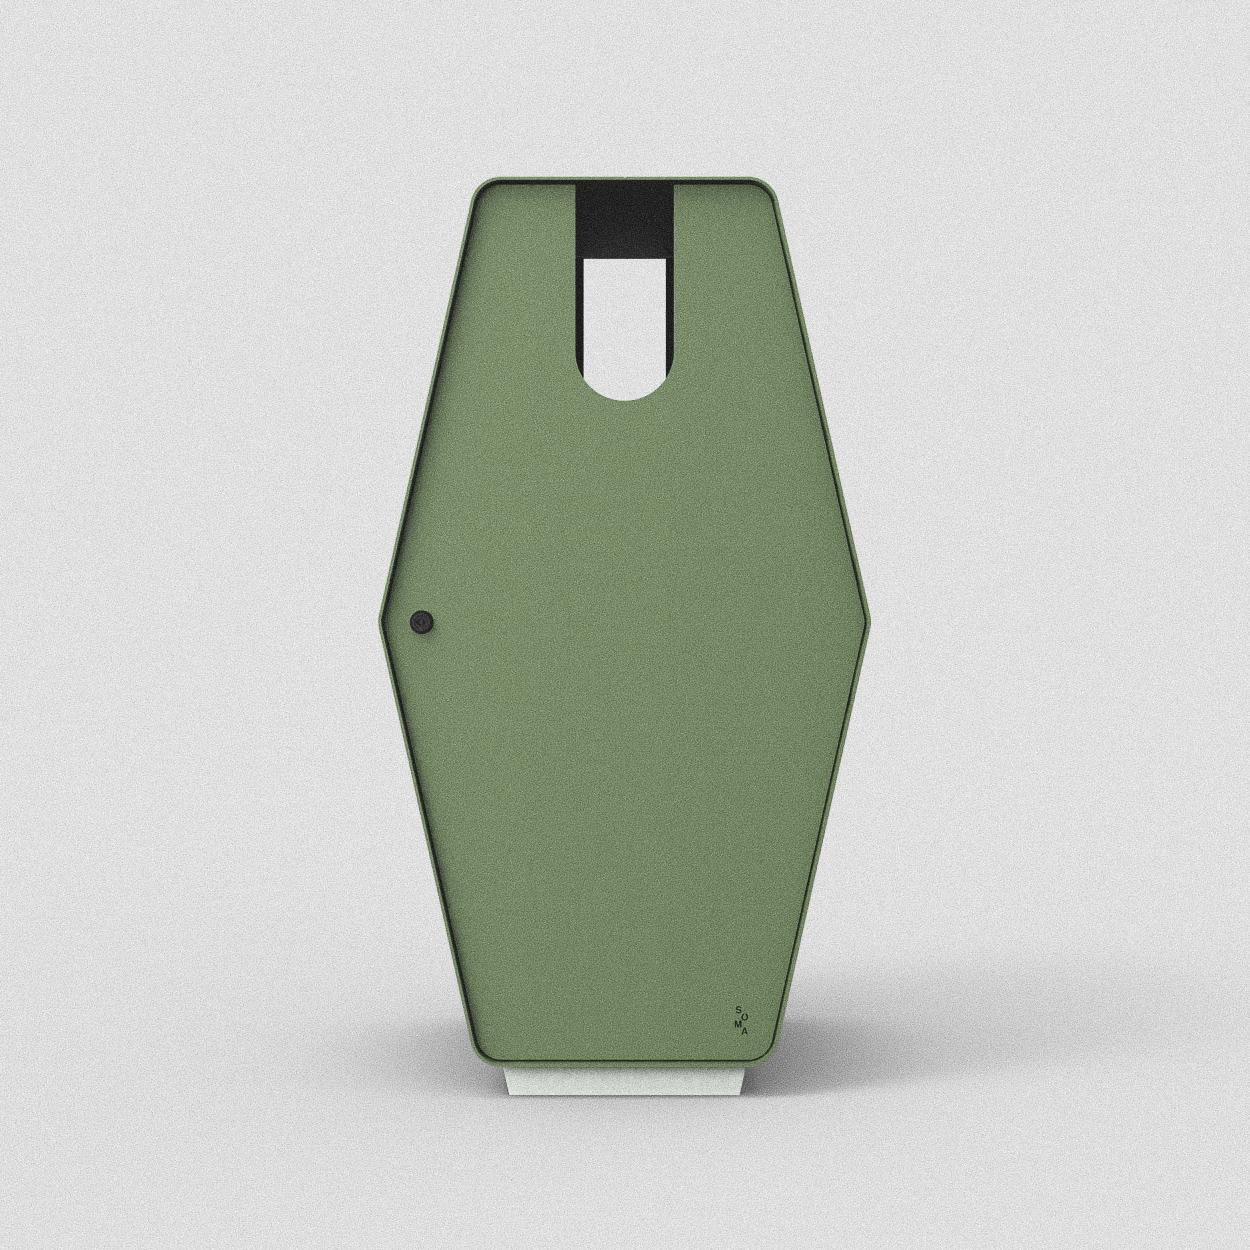 Inkast: Papper / Standardfärg: Mossa